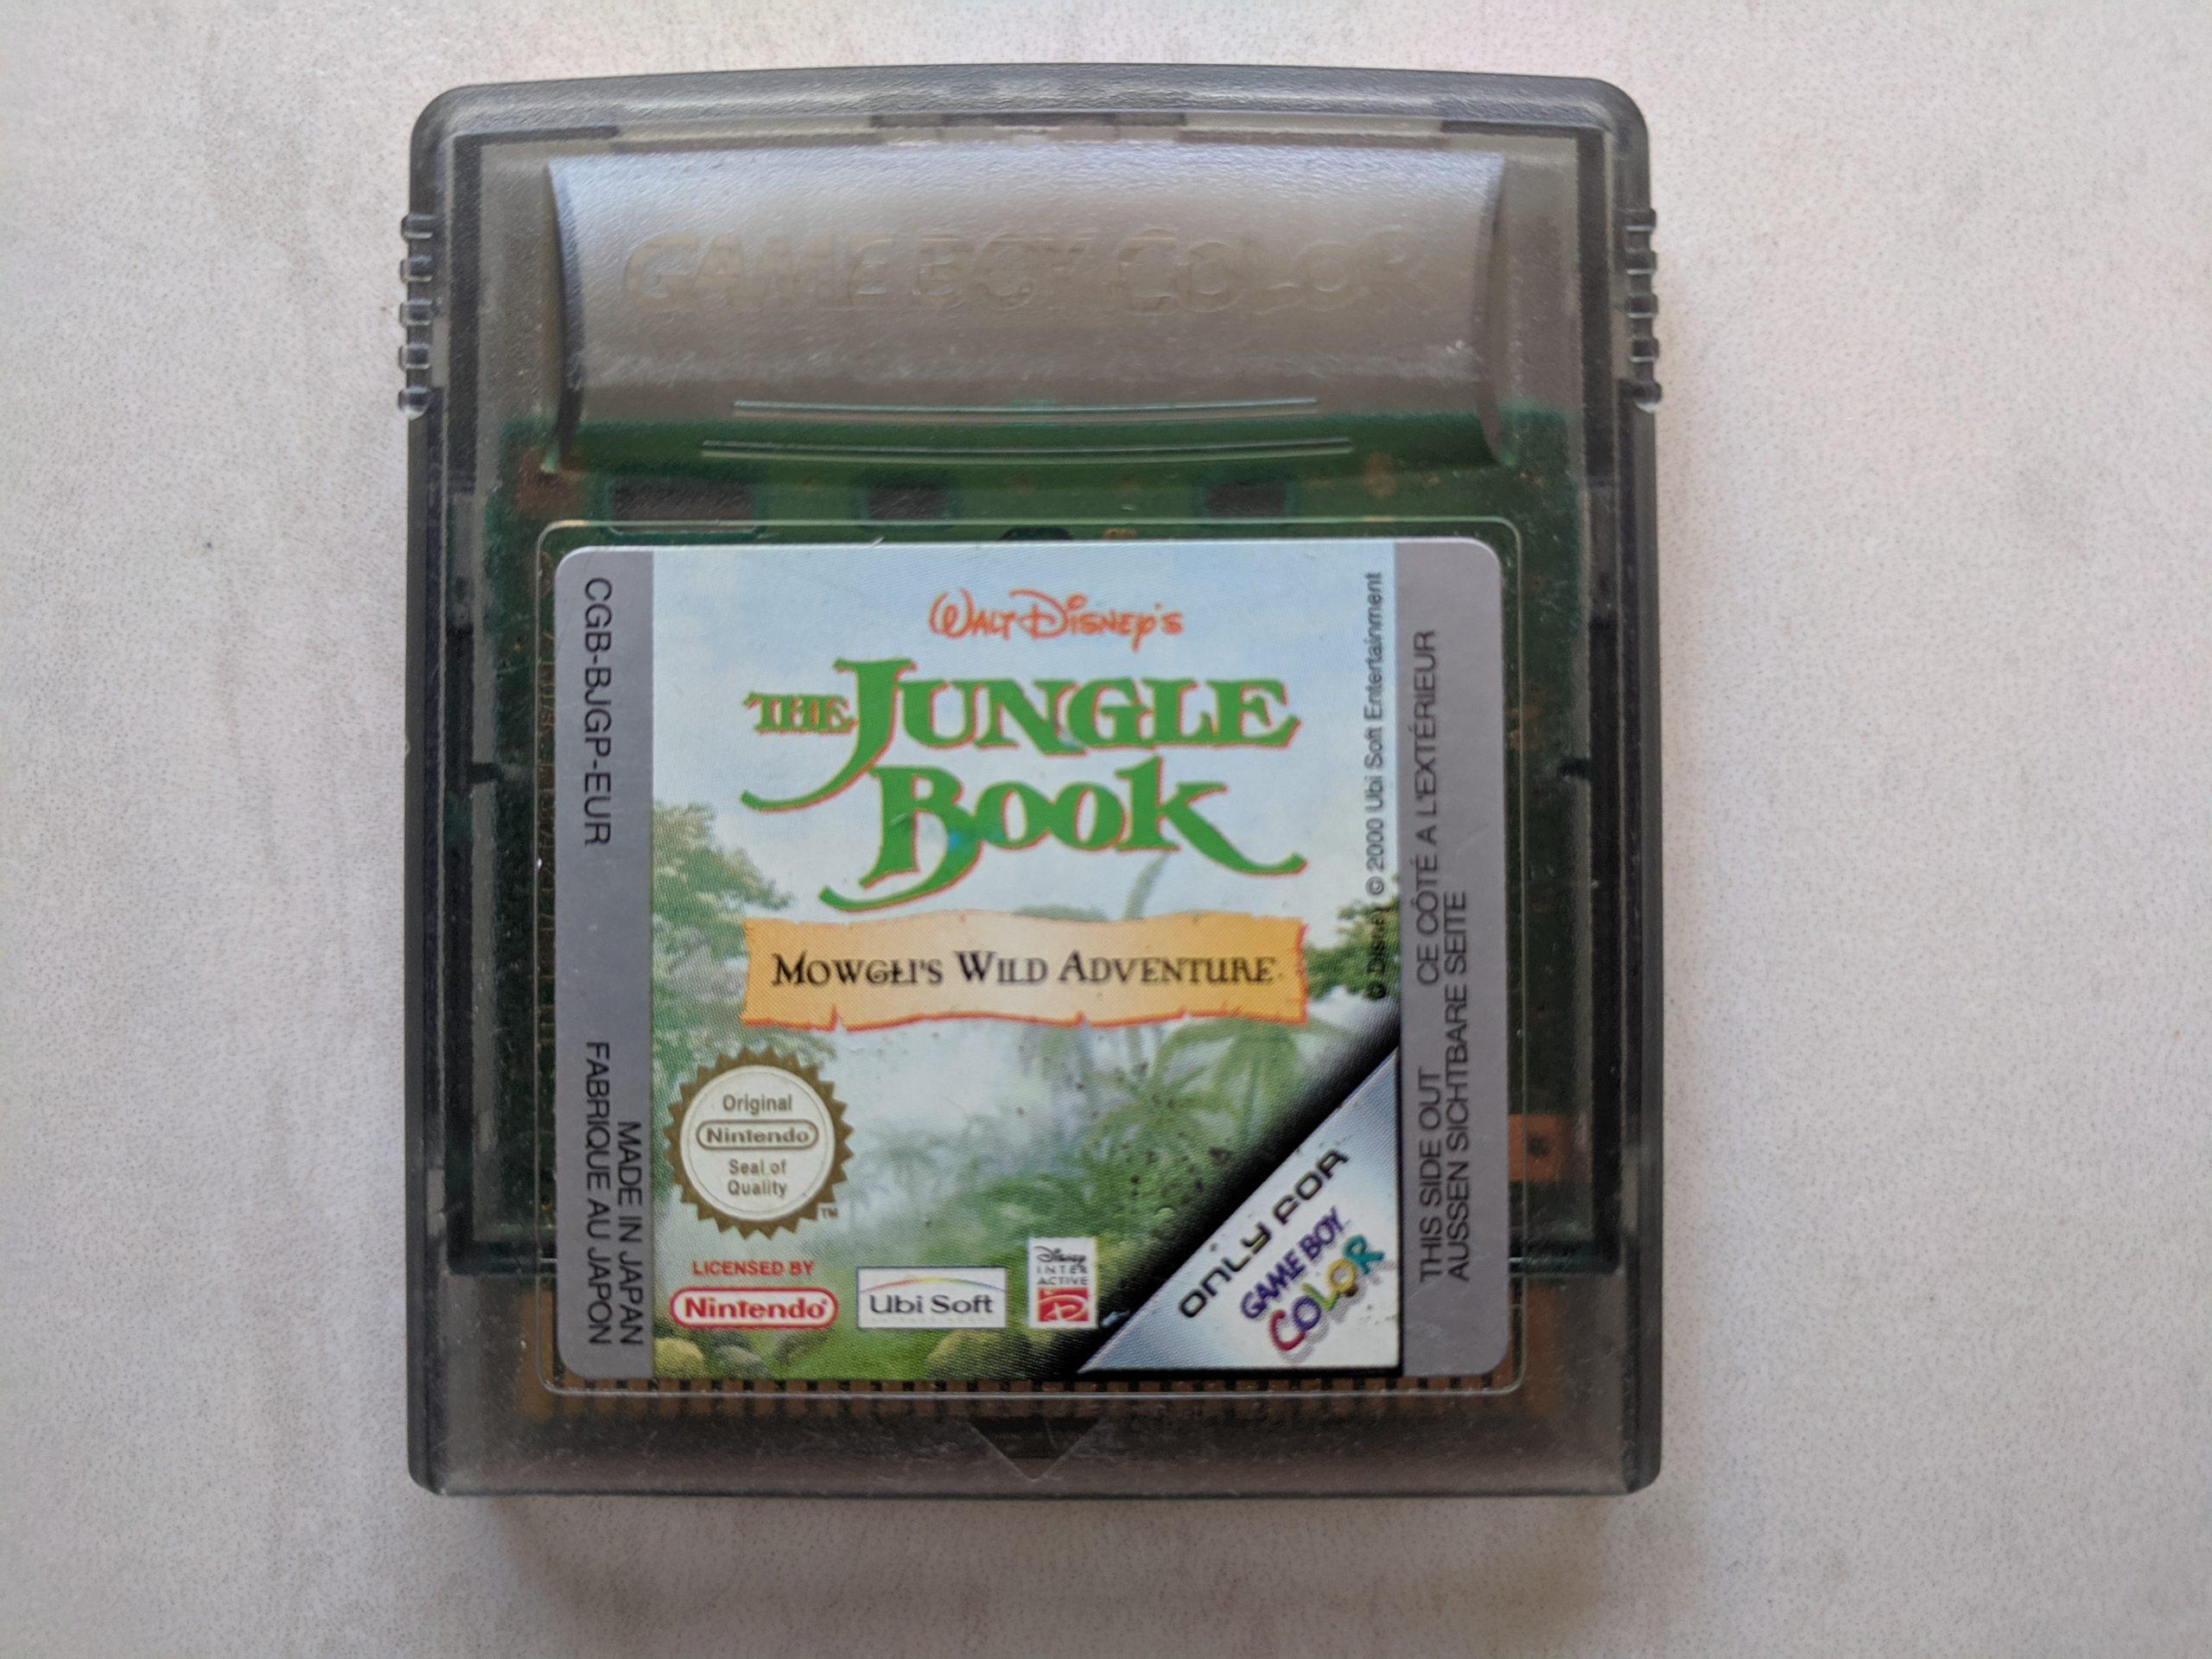 The Jungle Book: Mowgli's Wild Adventure